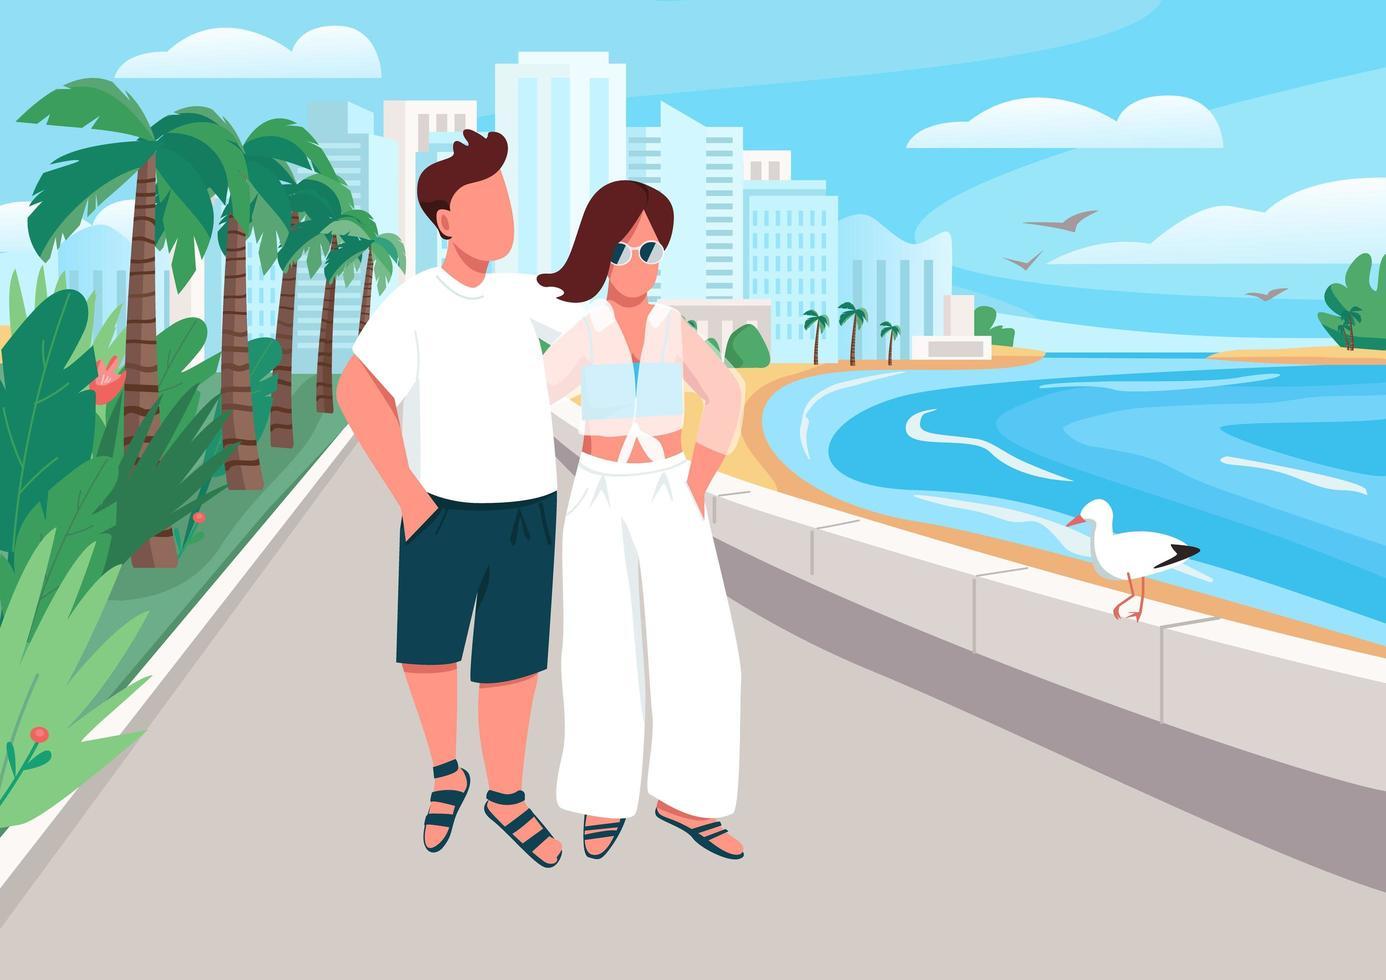 pareja enamorada caminando por el paseo marítimo vector